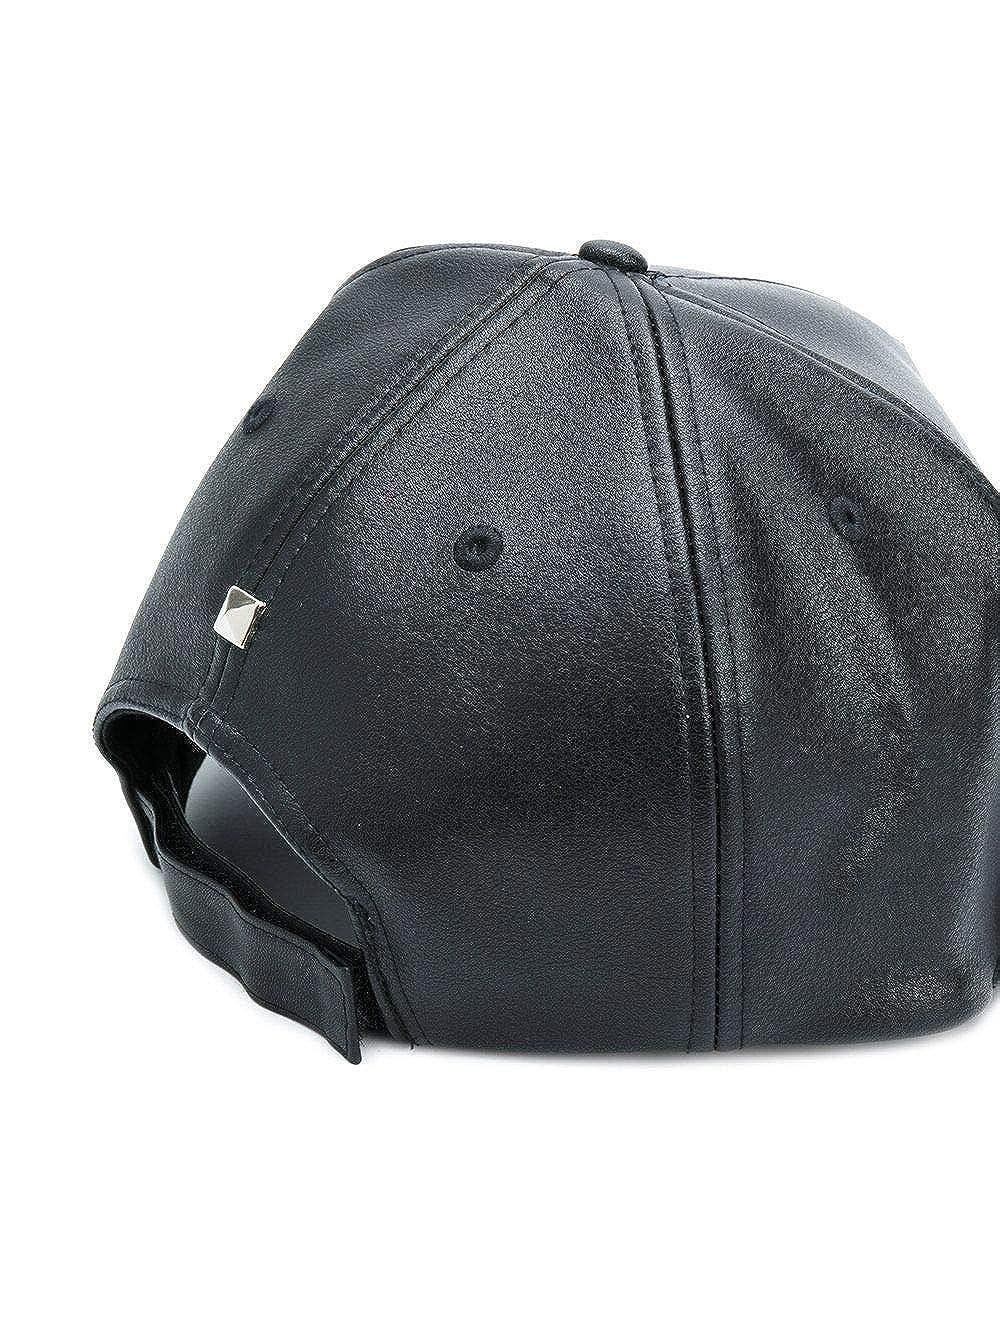 Philipp Plein Hombre Mac0096pte074n02 Negro Poliuretano Sombrero: Amazon.es: Ropa y accesorios